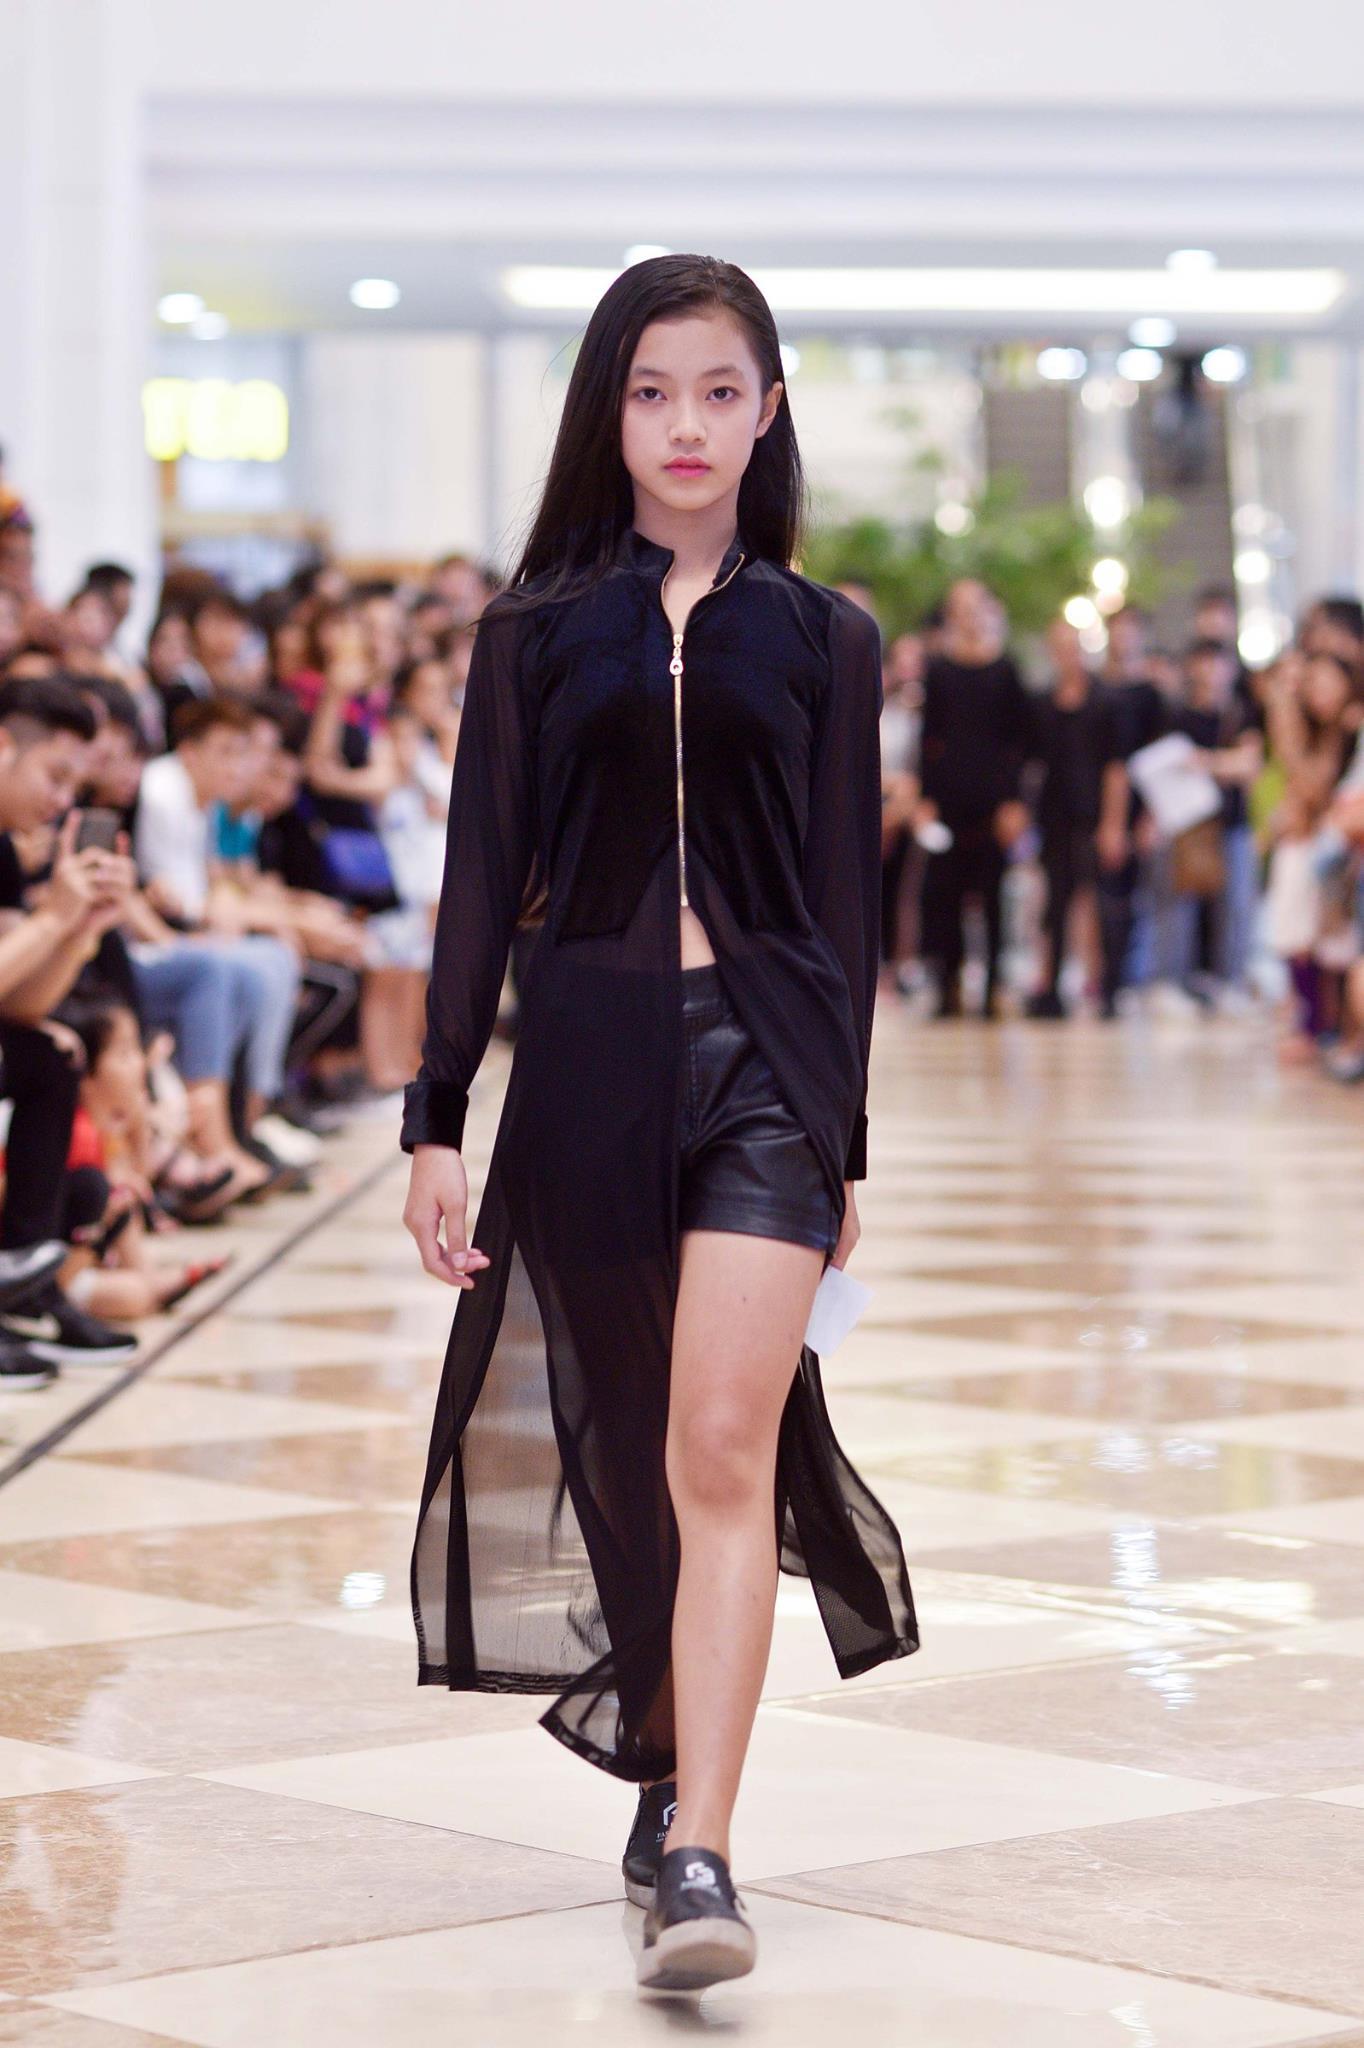 Mới 10 tuổi, cô bé này đã đăng ký casting Vietnam International Fashion Week và nổi bật lấn lướt người lớn với thần thái sắc lạnh - Ảnh 2.